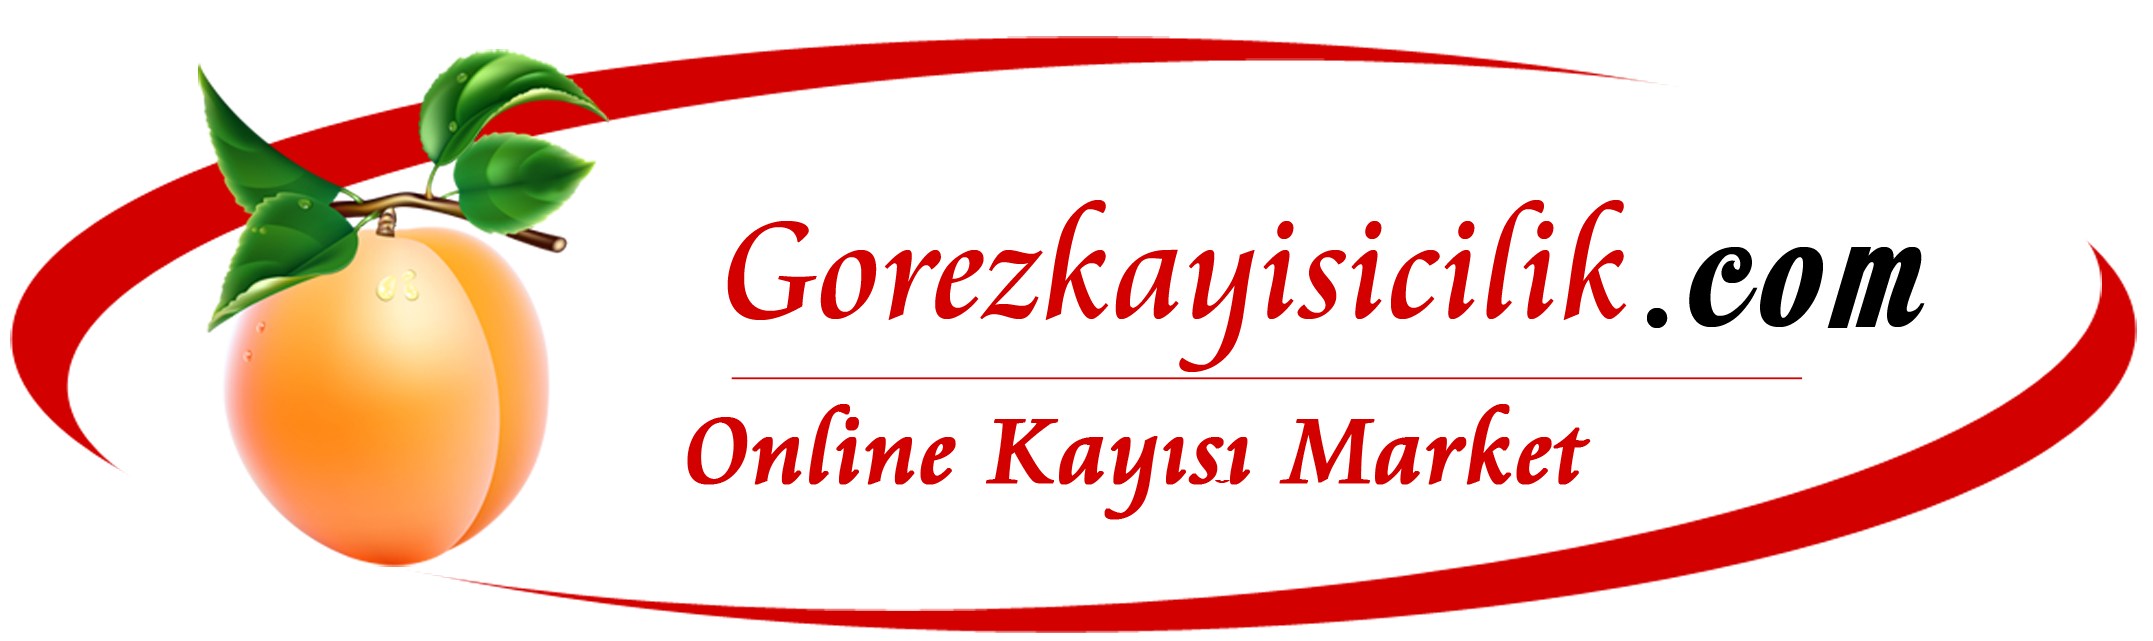 Malatya Kayısı – Görez Kayısıcılık E-Ticaret Sitesi